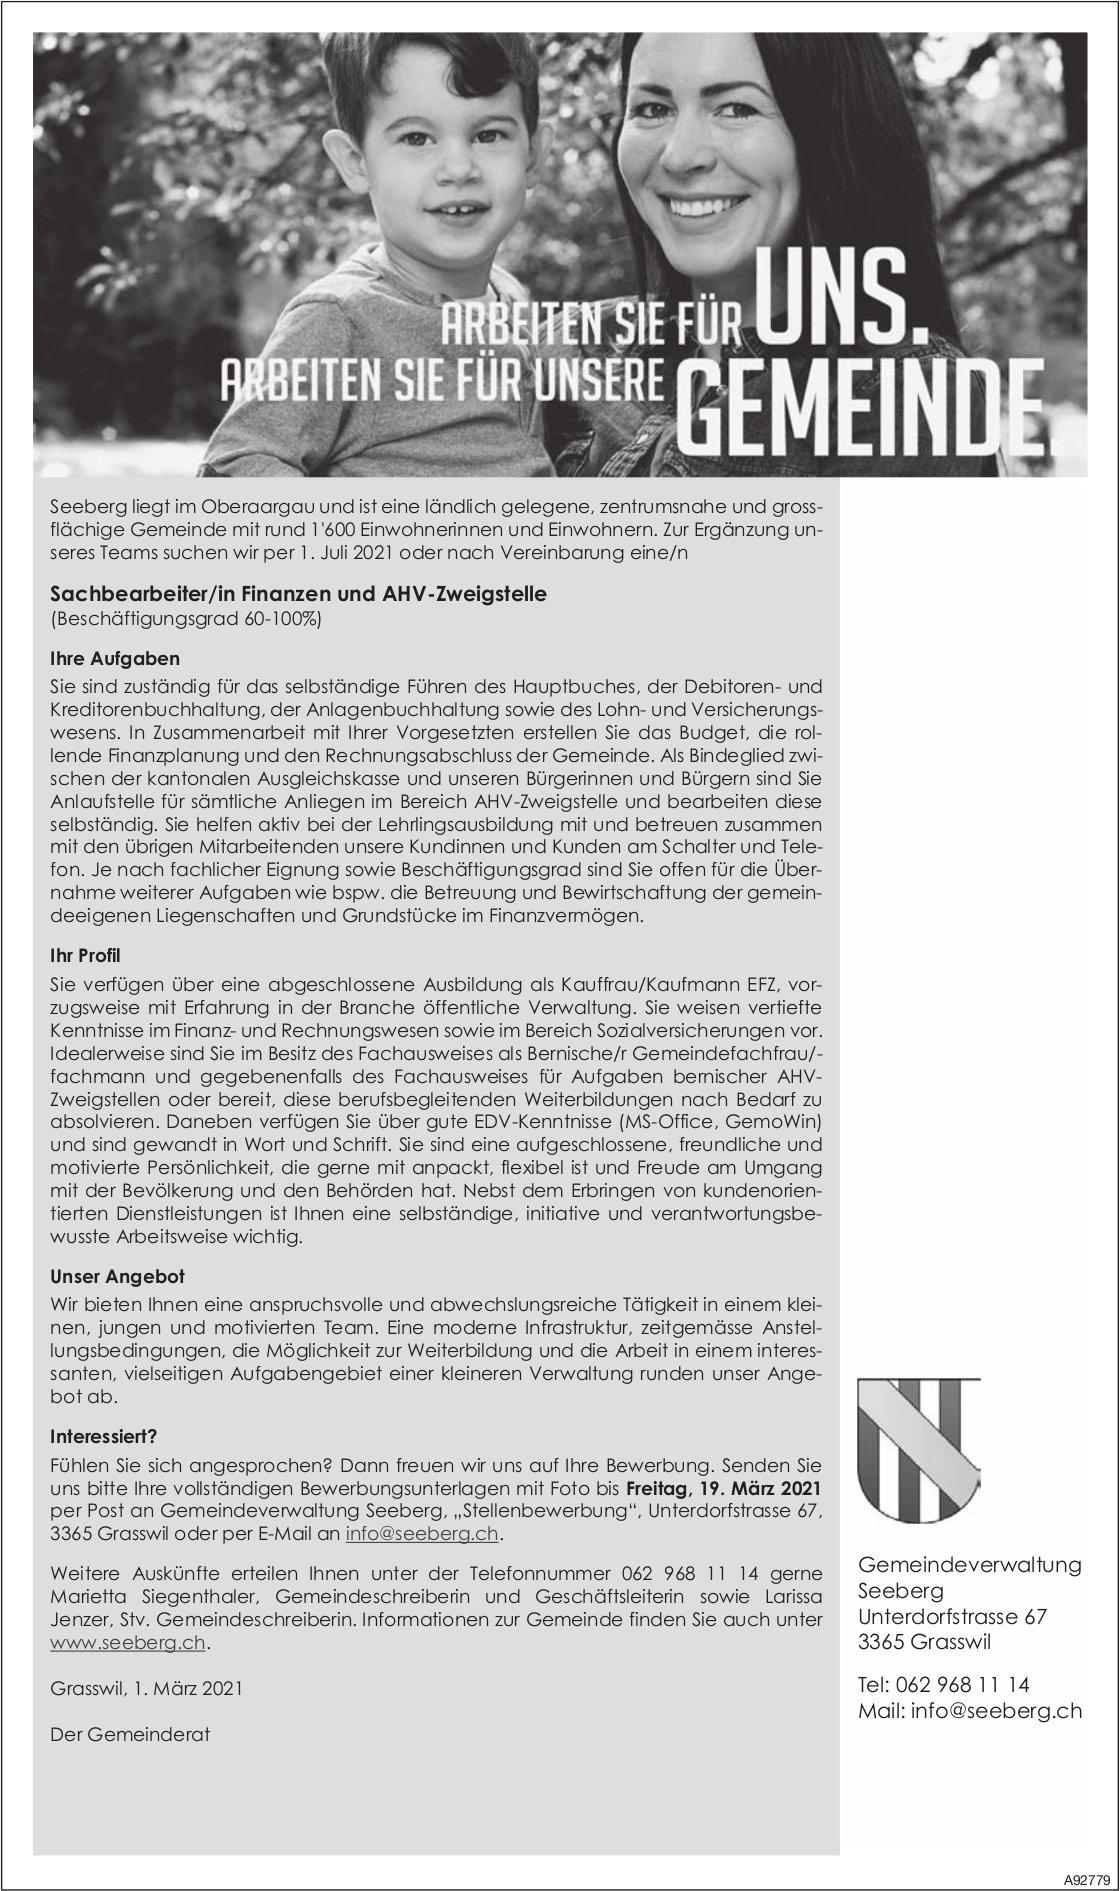 Sachbearbeiter/in Finanzen und AHV-Zweigstelle, Grasswil, gesucht